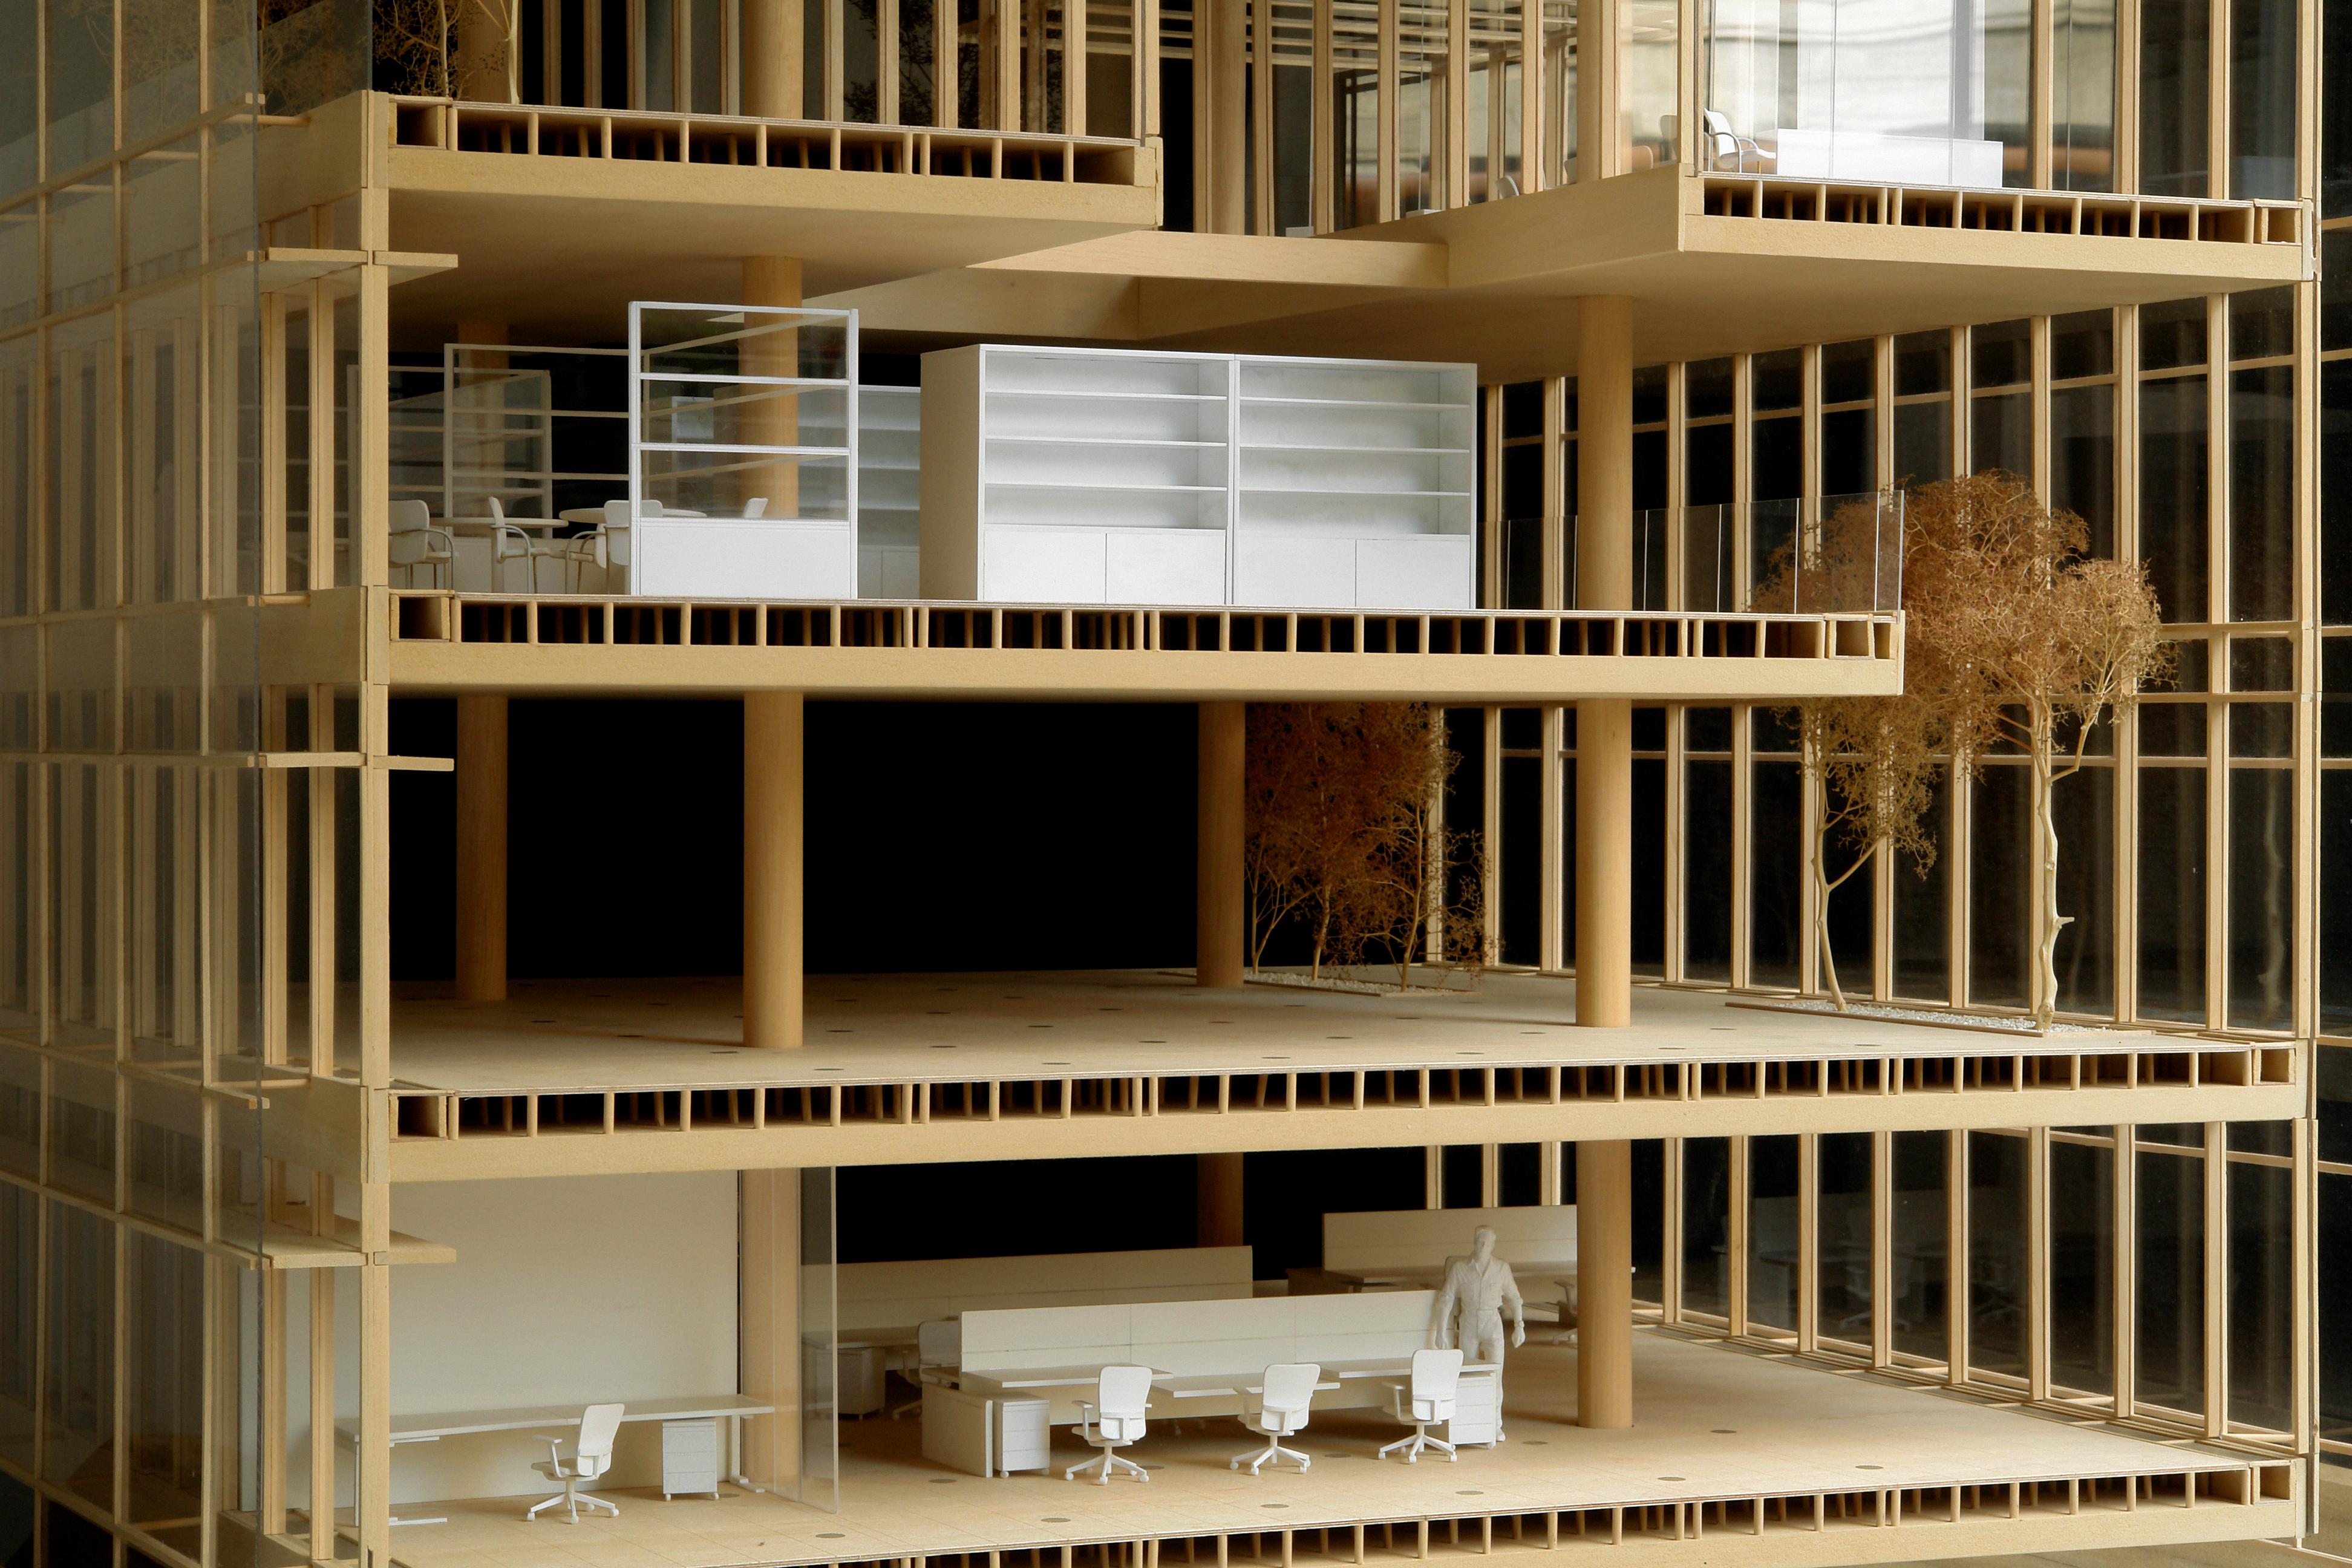 Edificio per uffici Haworth